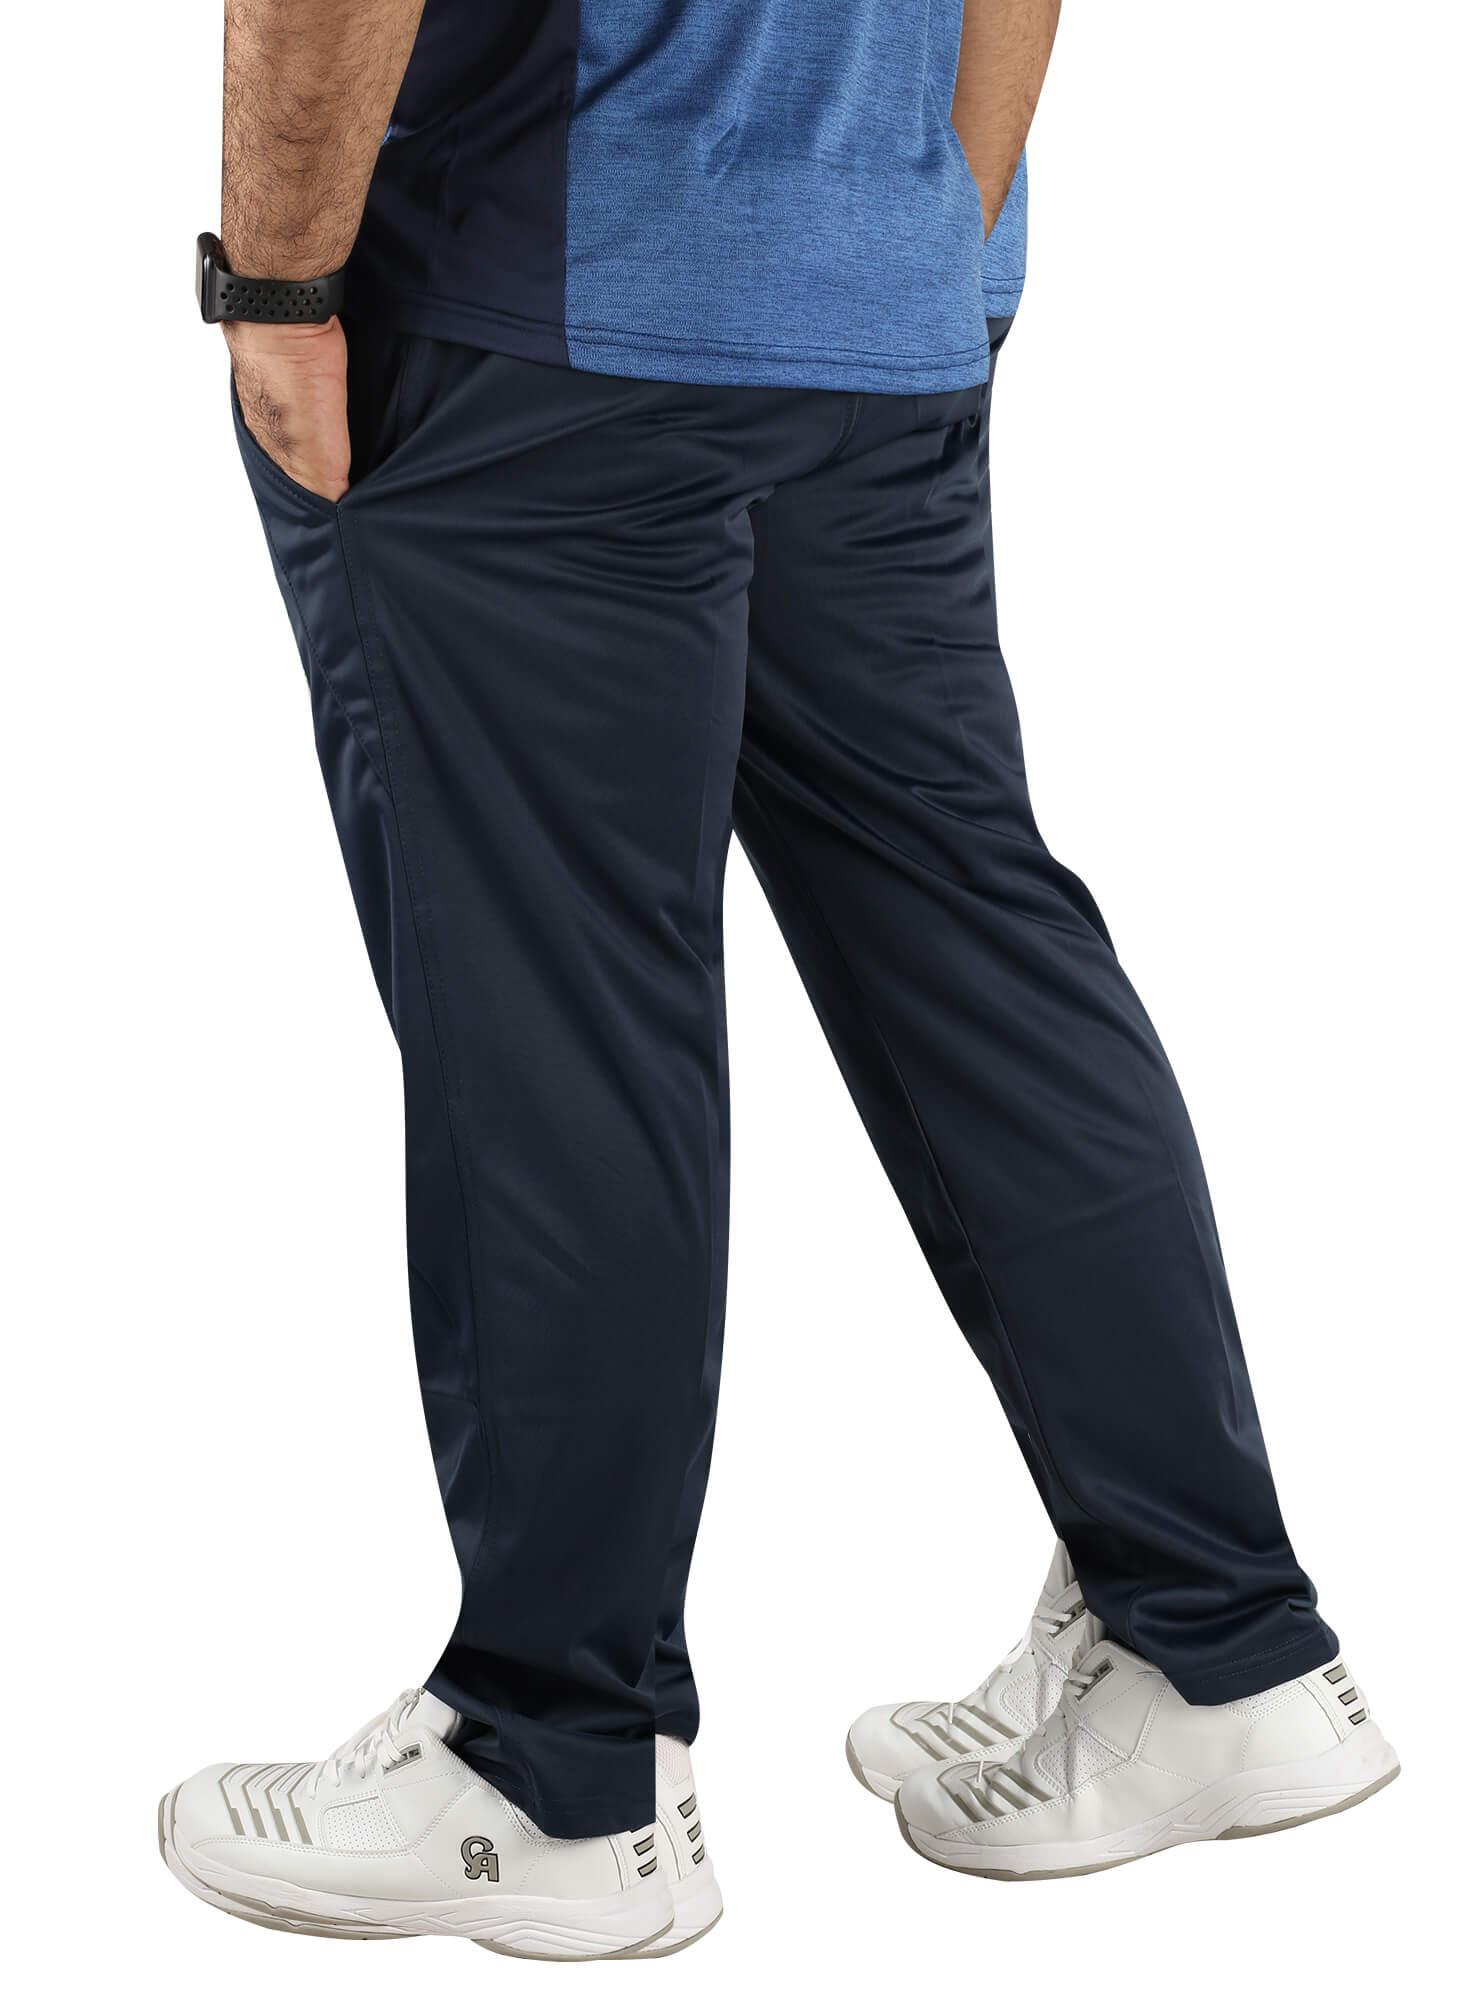 trouser, sportswear